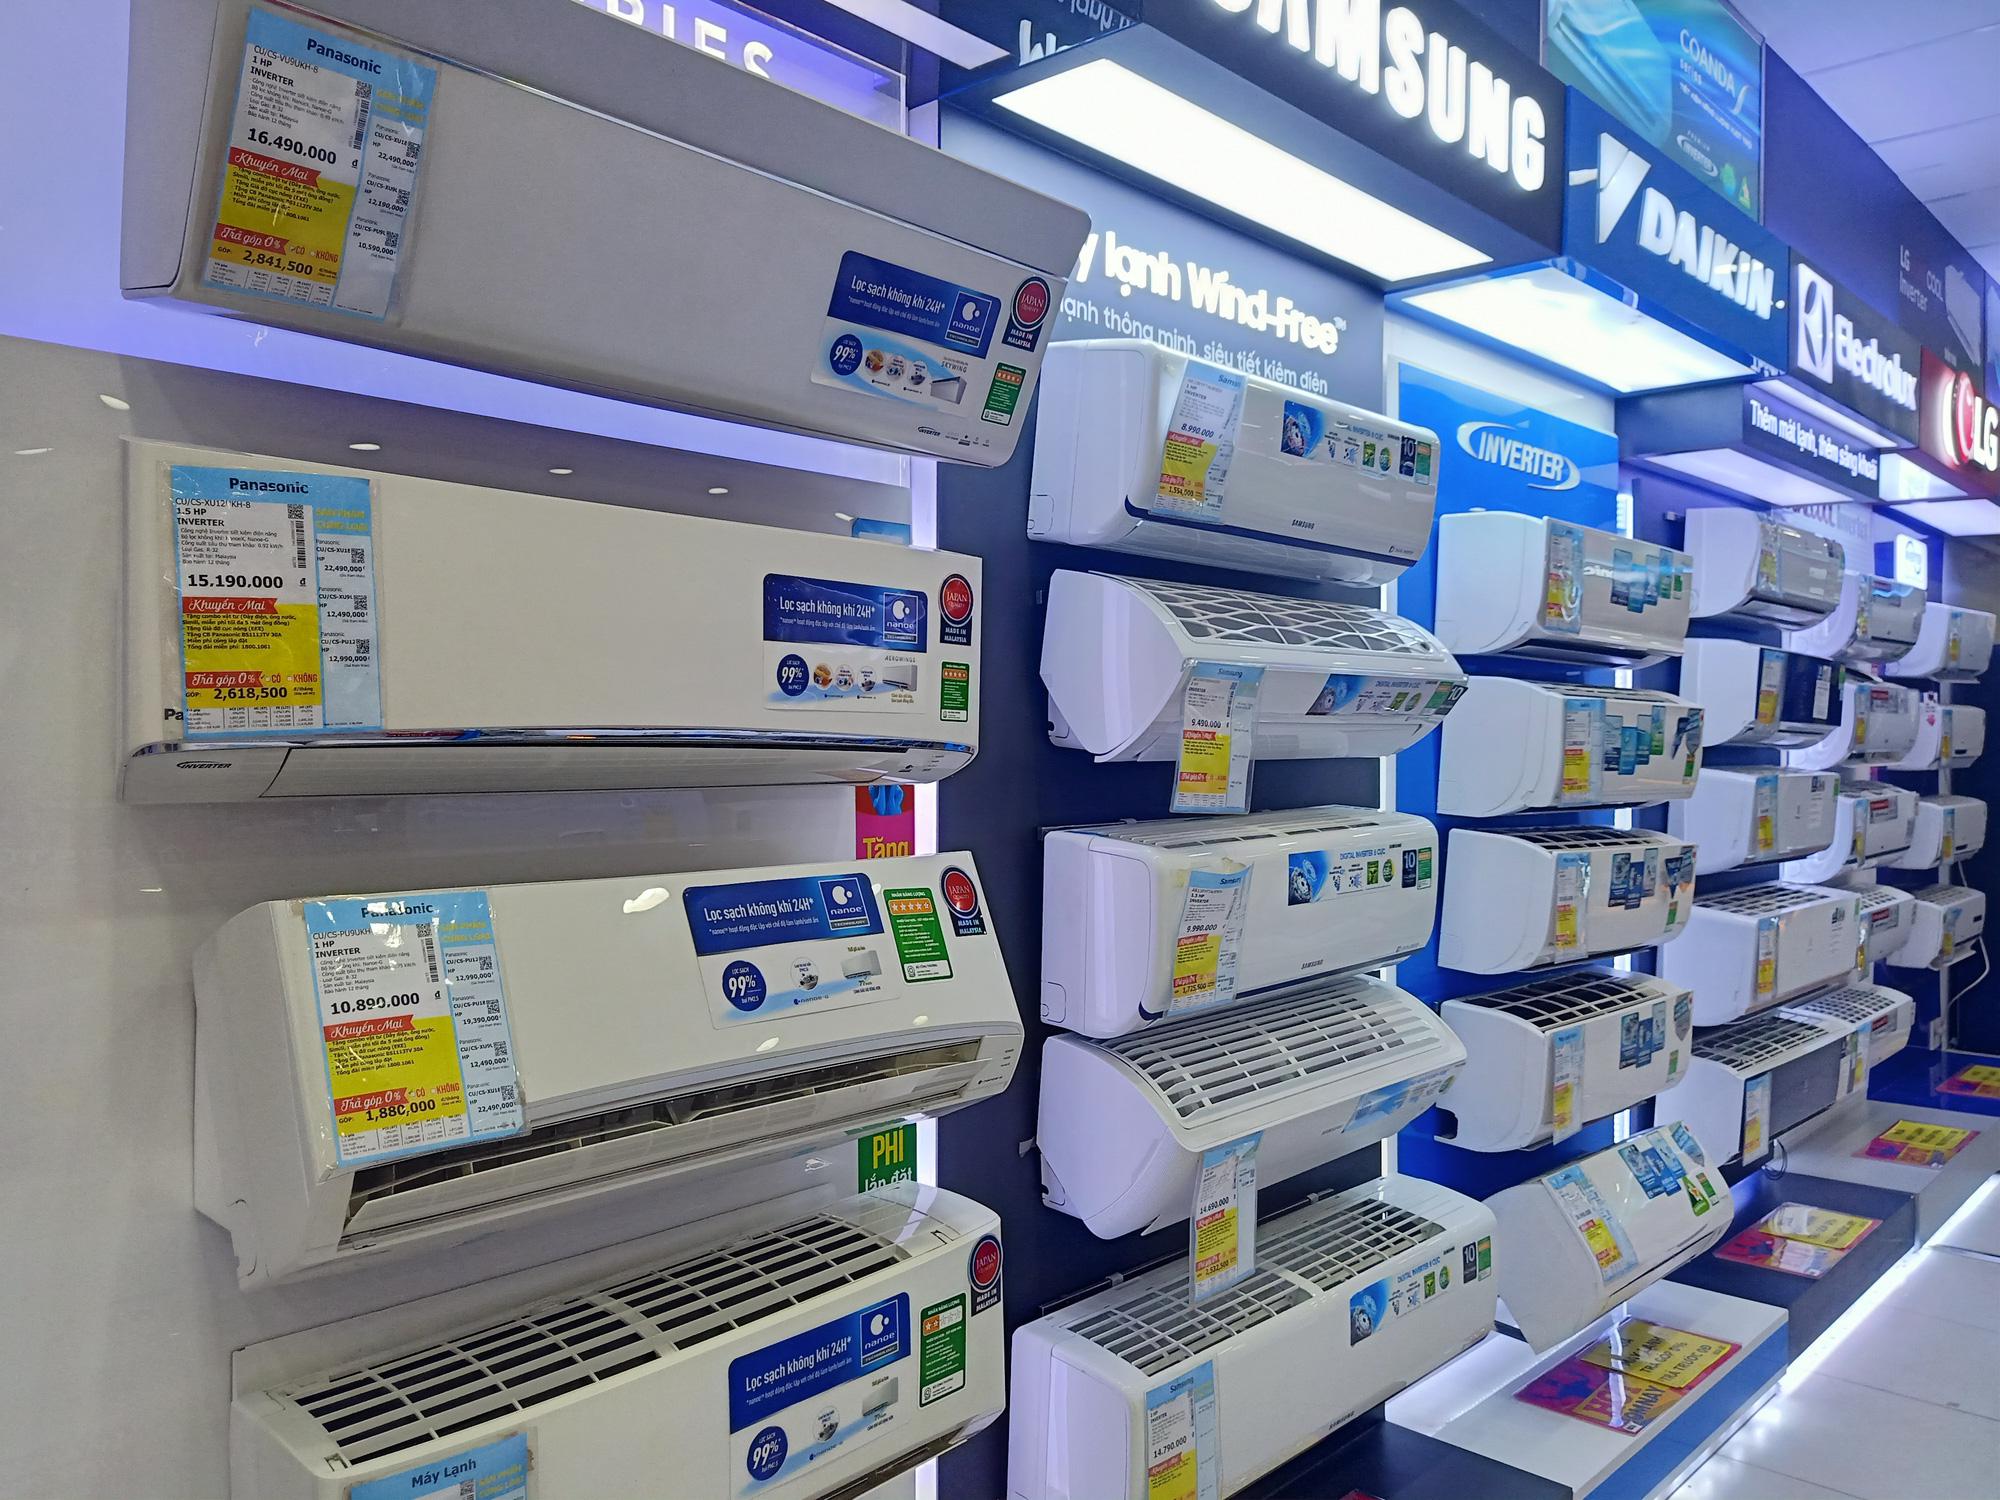 Điện lạnh giảm giá tiếp tục kích cầu cho hình thức mua online - Ảnh 3.